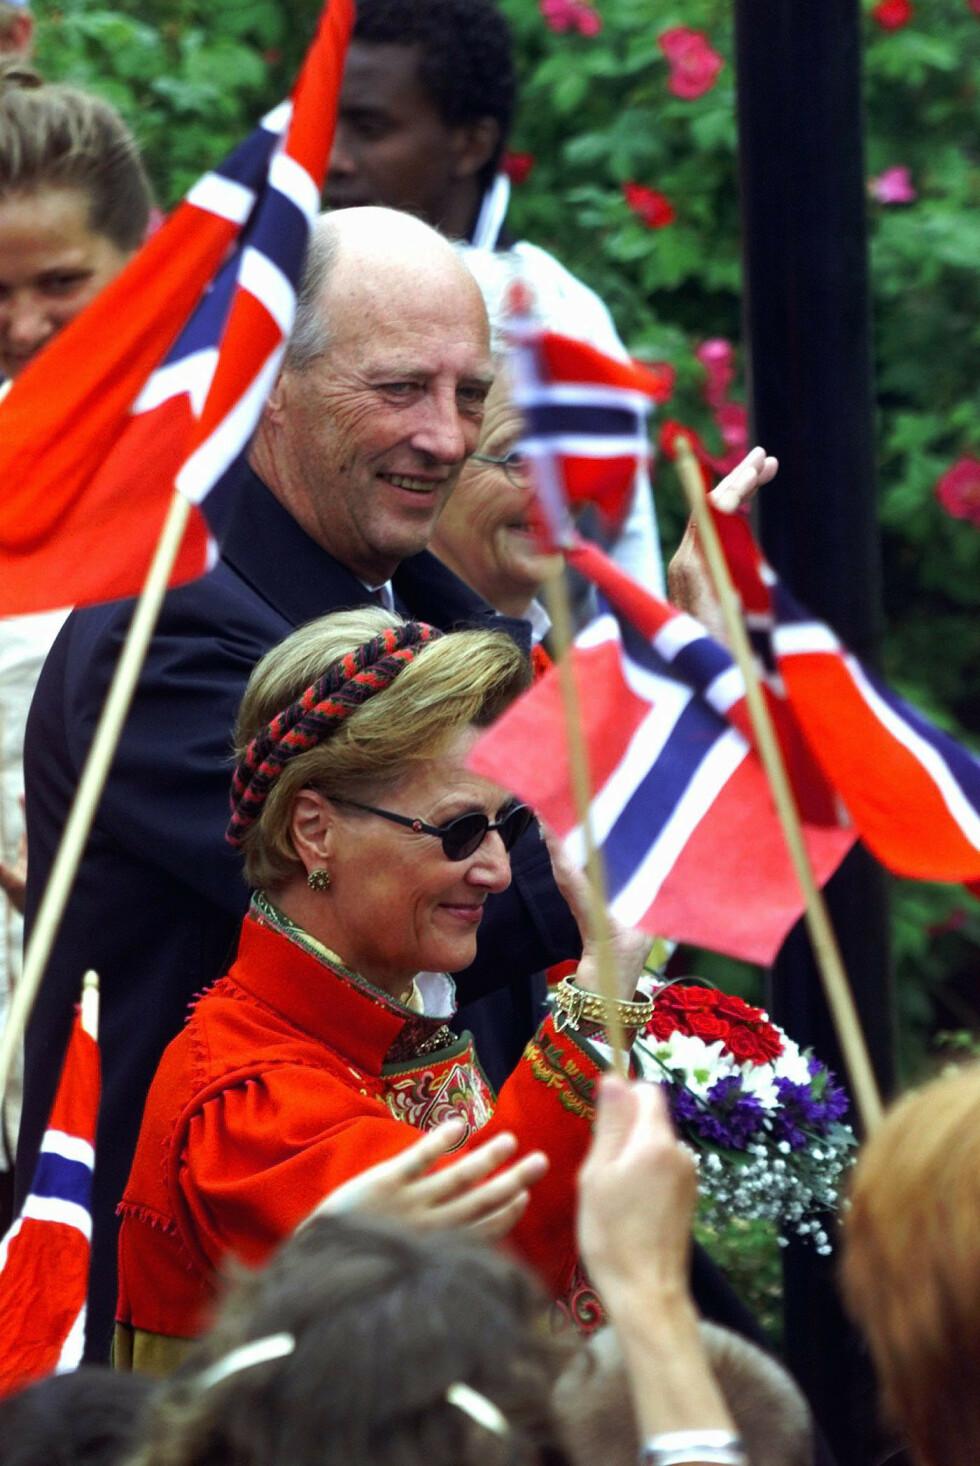 RØDTRØYEBUNAD: I 2000 var kongeparet til stede i Skien, for å ta del i feiringen av byens tusenårs jubileum - og dronningen var selvfølgelig ikledd Telemarksbunaden hun har fått av sin mor. Kongen var ikledd dress. FOTO: NTB Scanpix